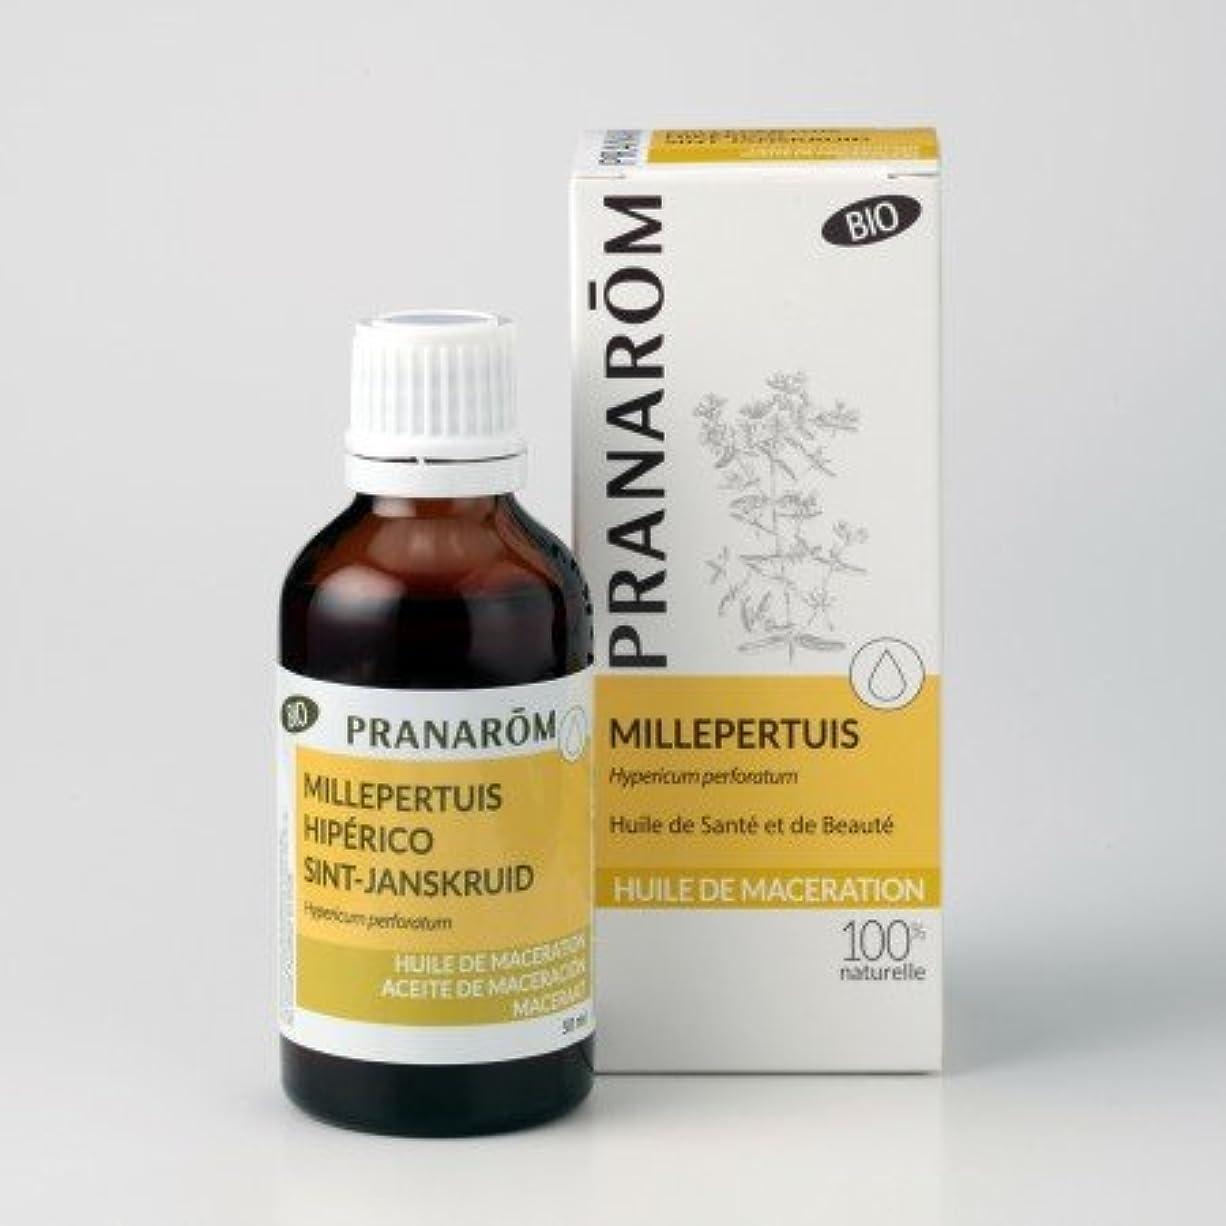 変形理想的効率的プラナロム ( PRANAROM ) 植物油 セントジョンズワート油 50ml 12531 セントジョンズワートオイル キャリアオイル ( 化粧油 )